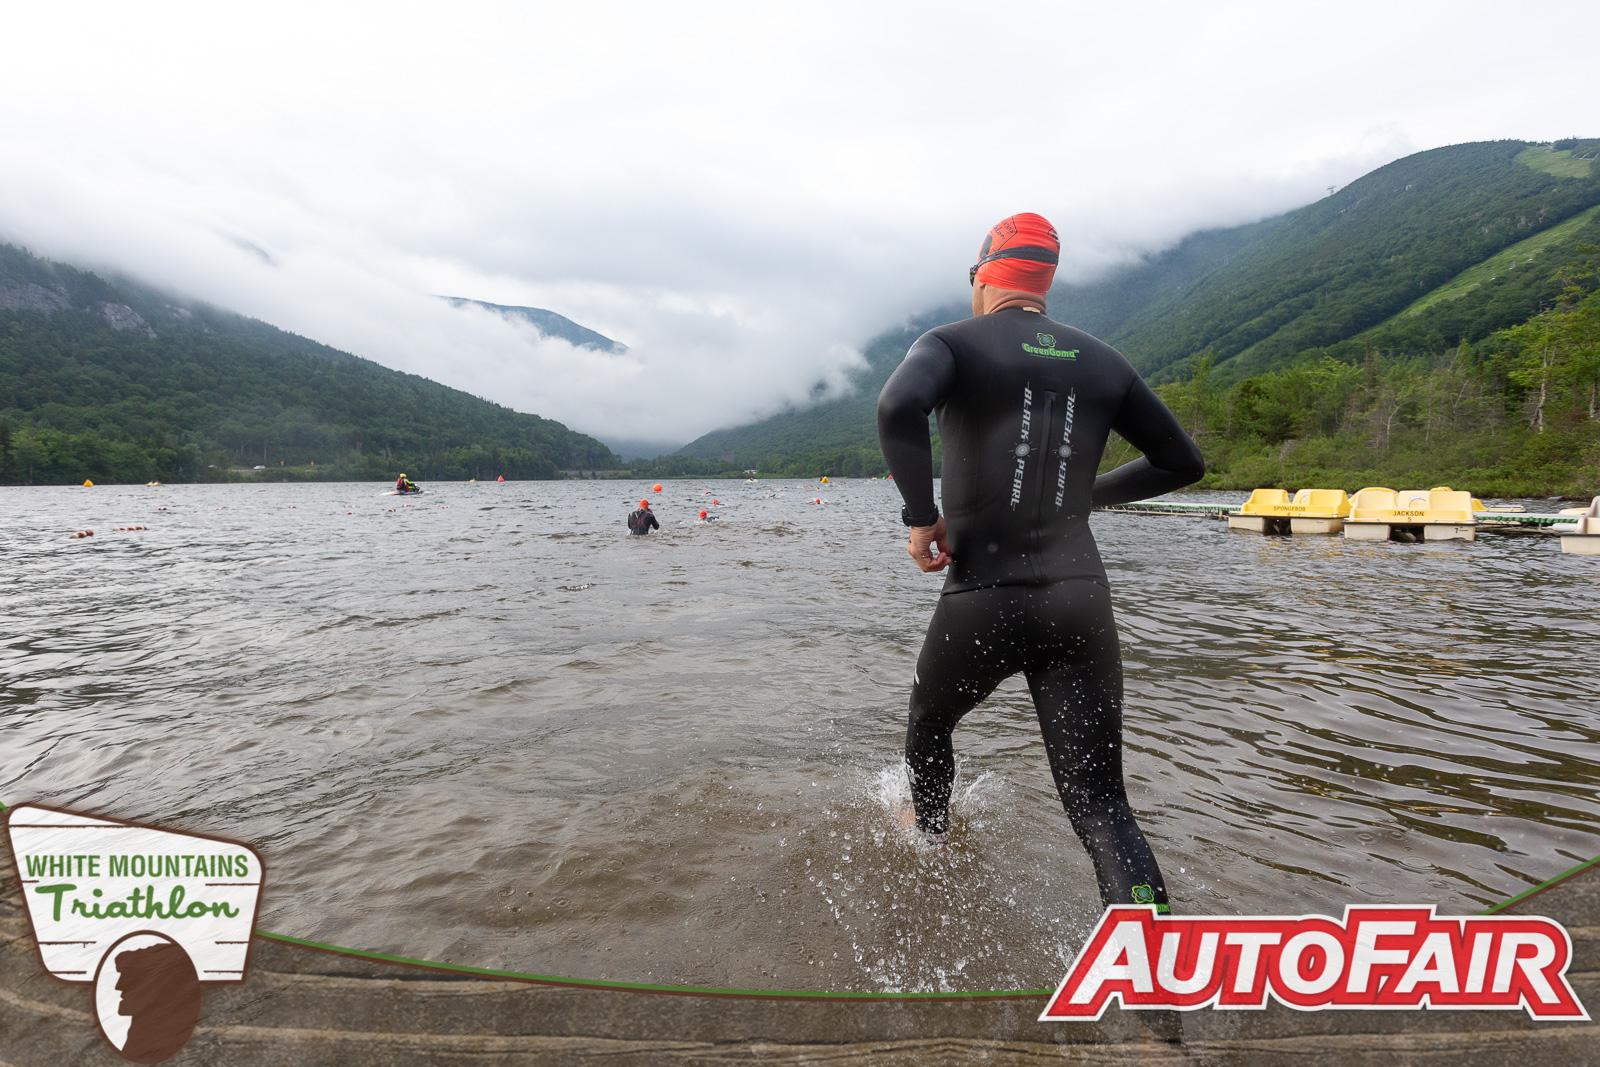 PHOTOS: White Mountains Triathlon – 2021